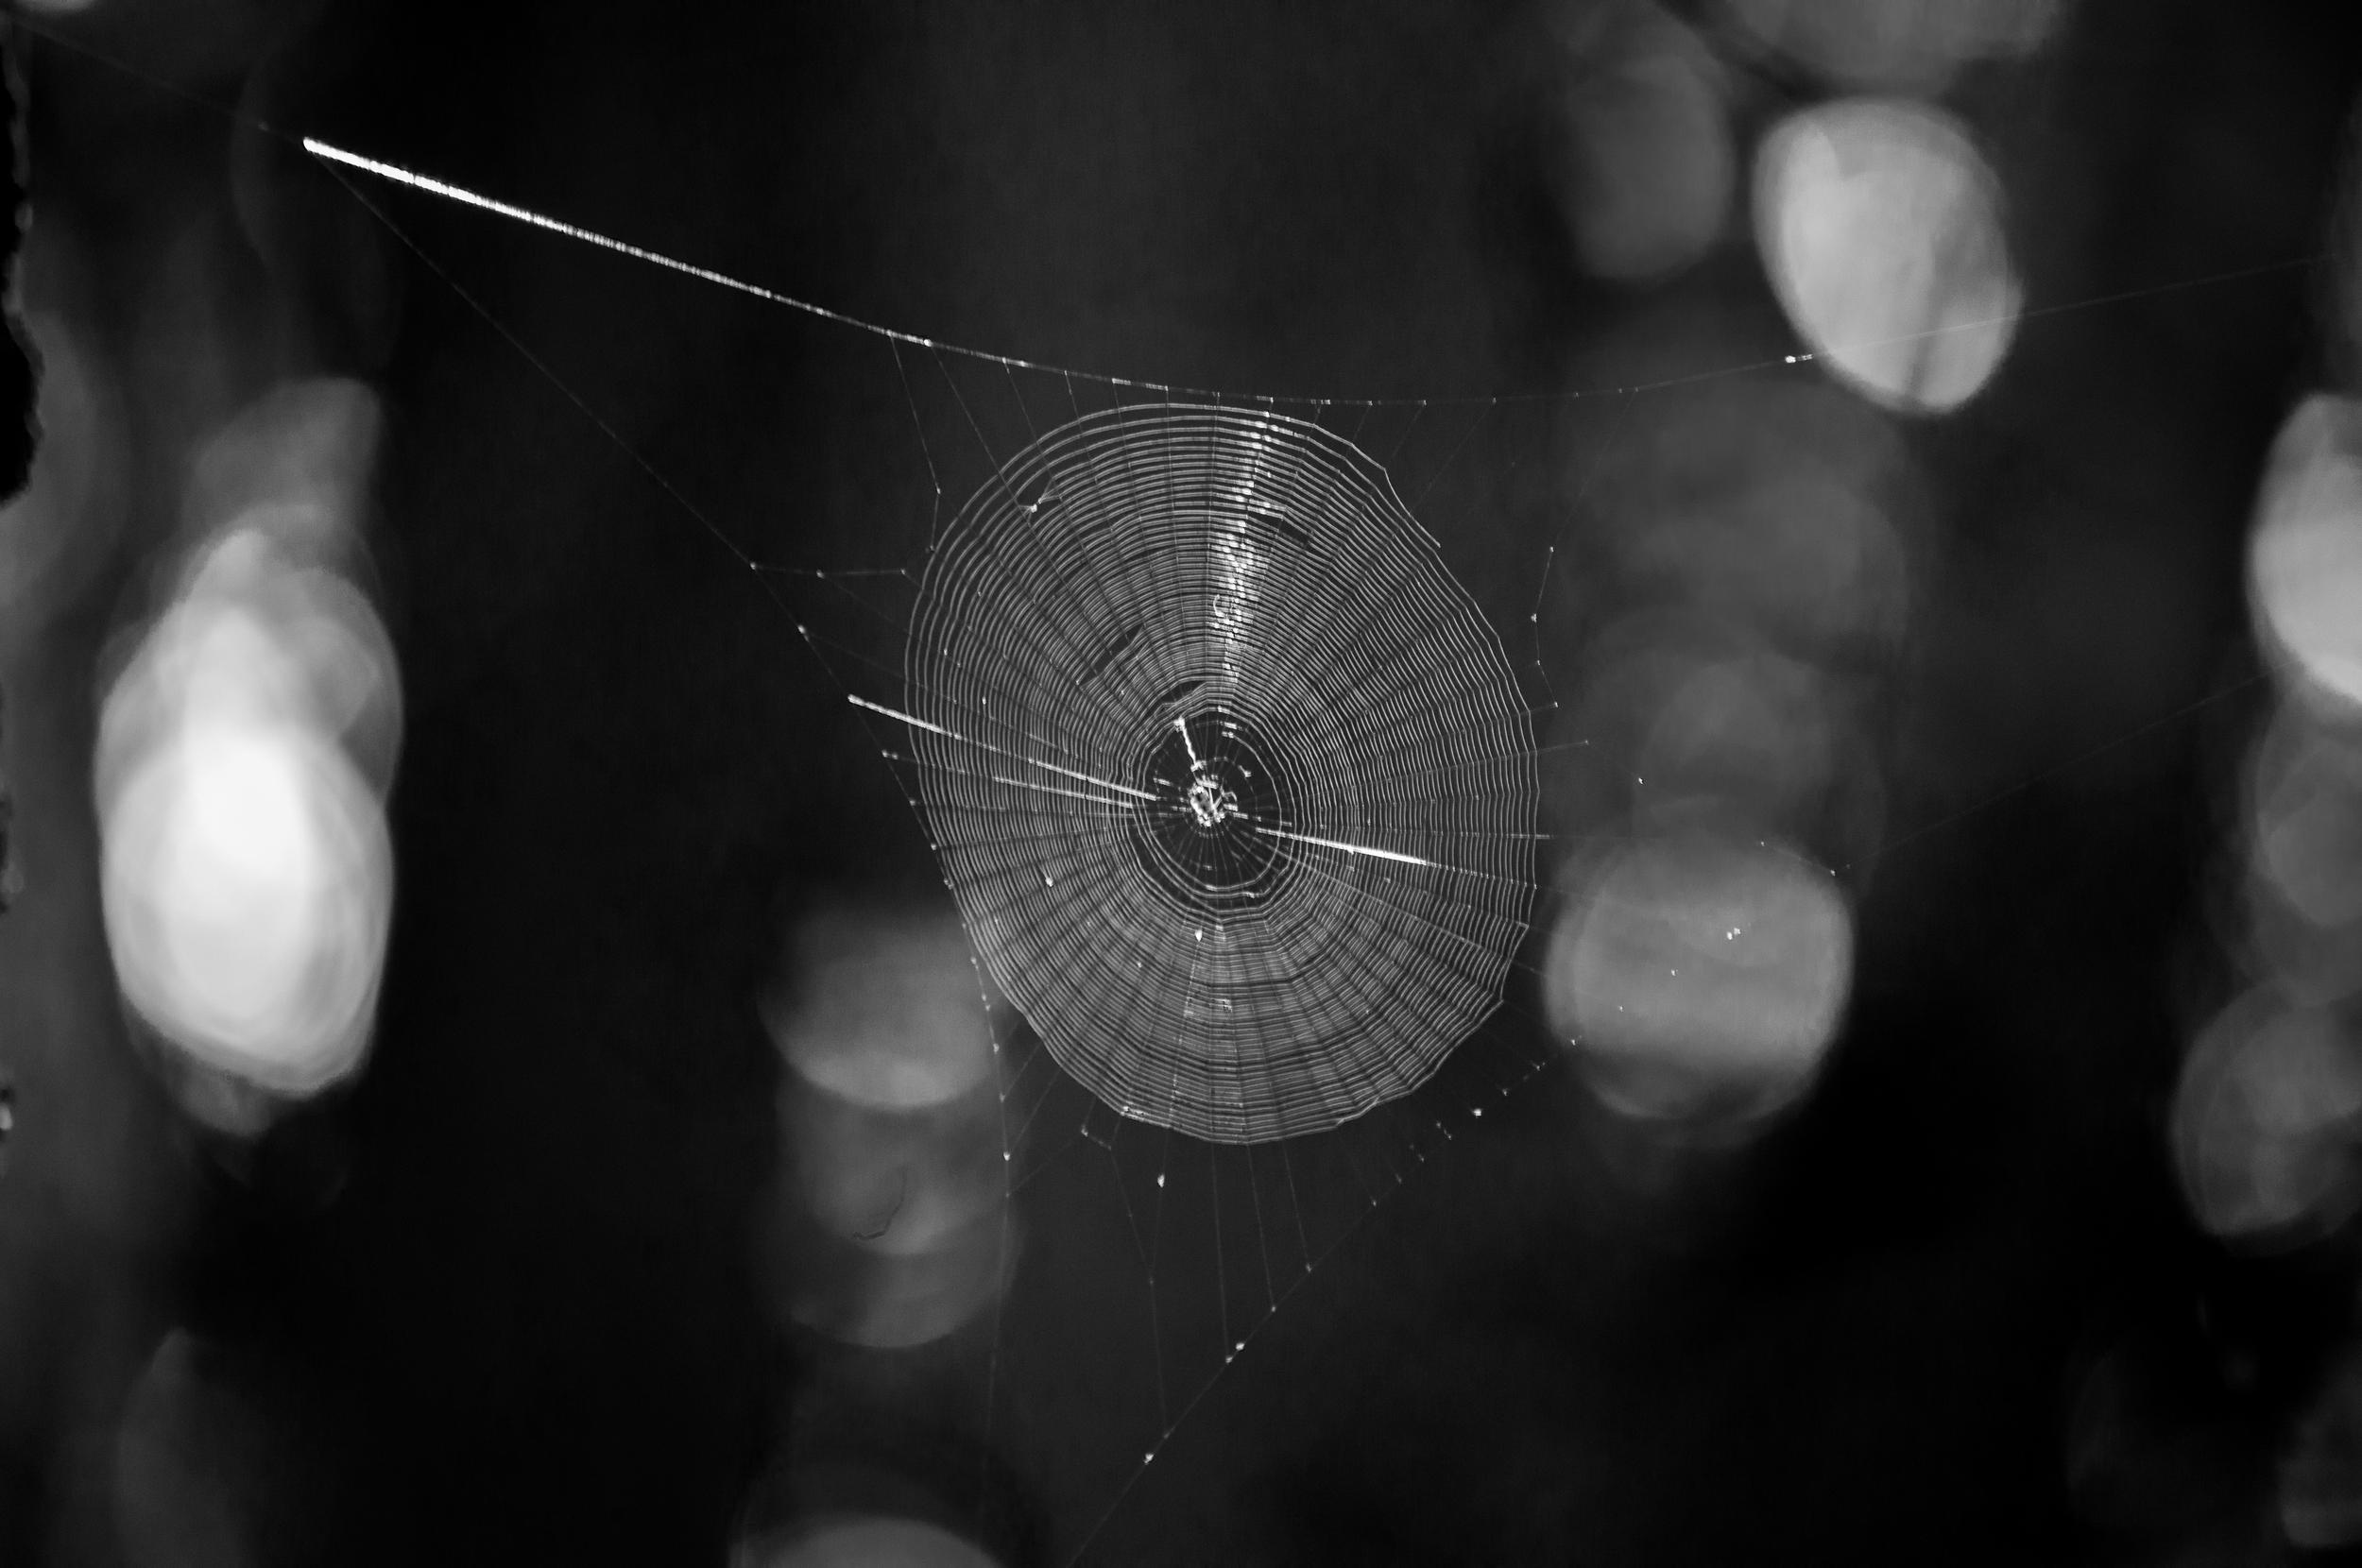 Spider Web B&W